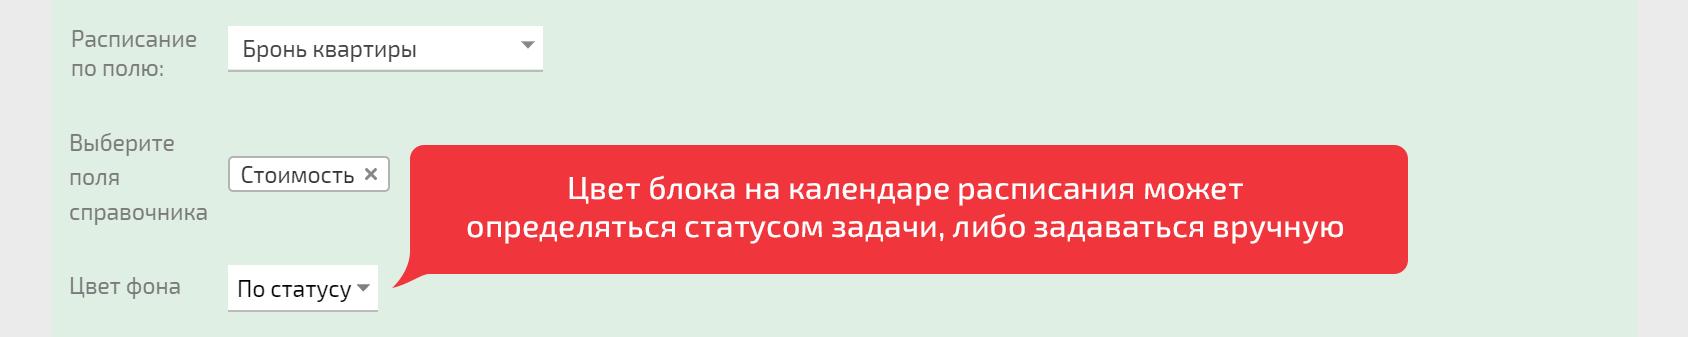 3bYOV4.png